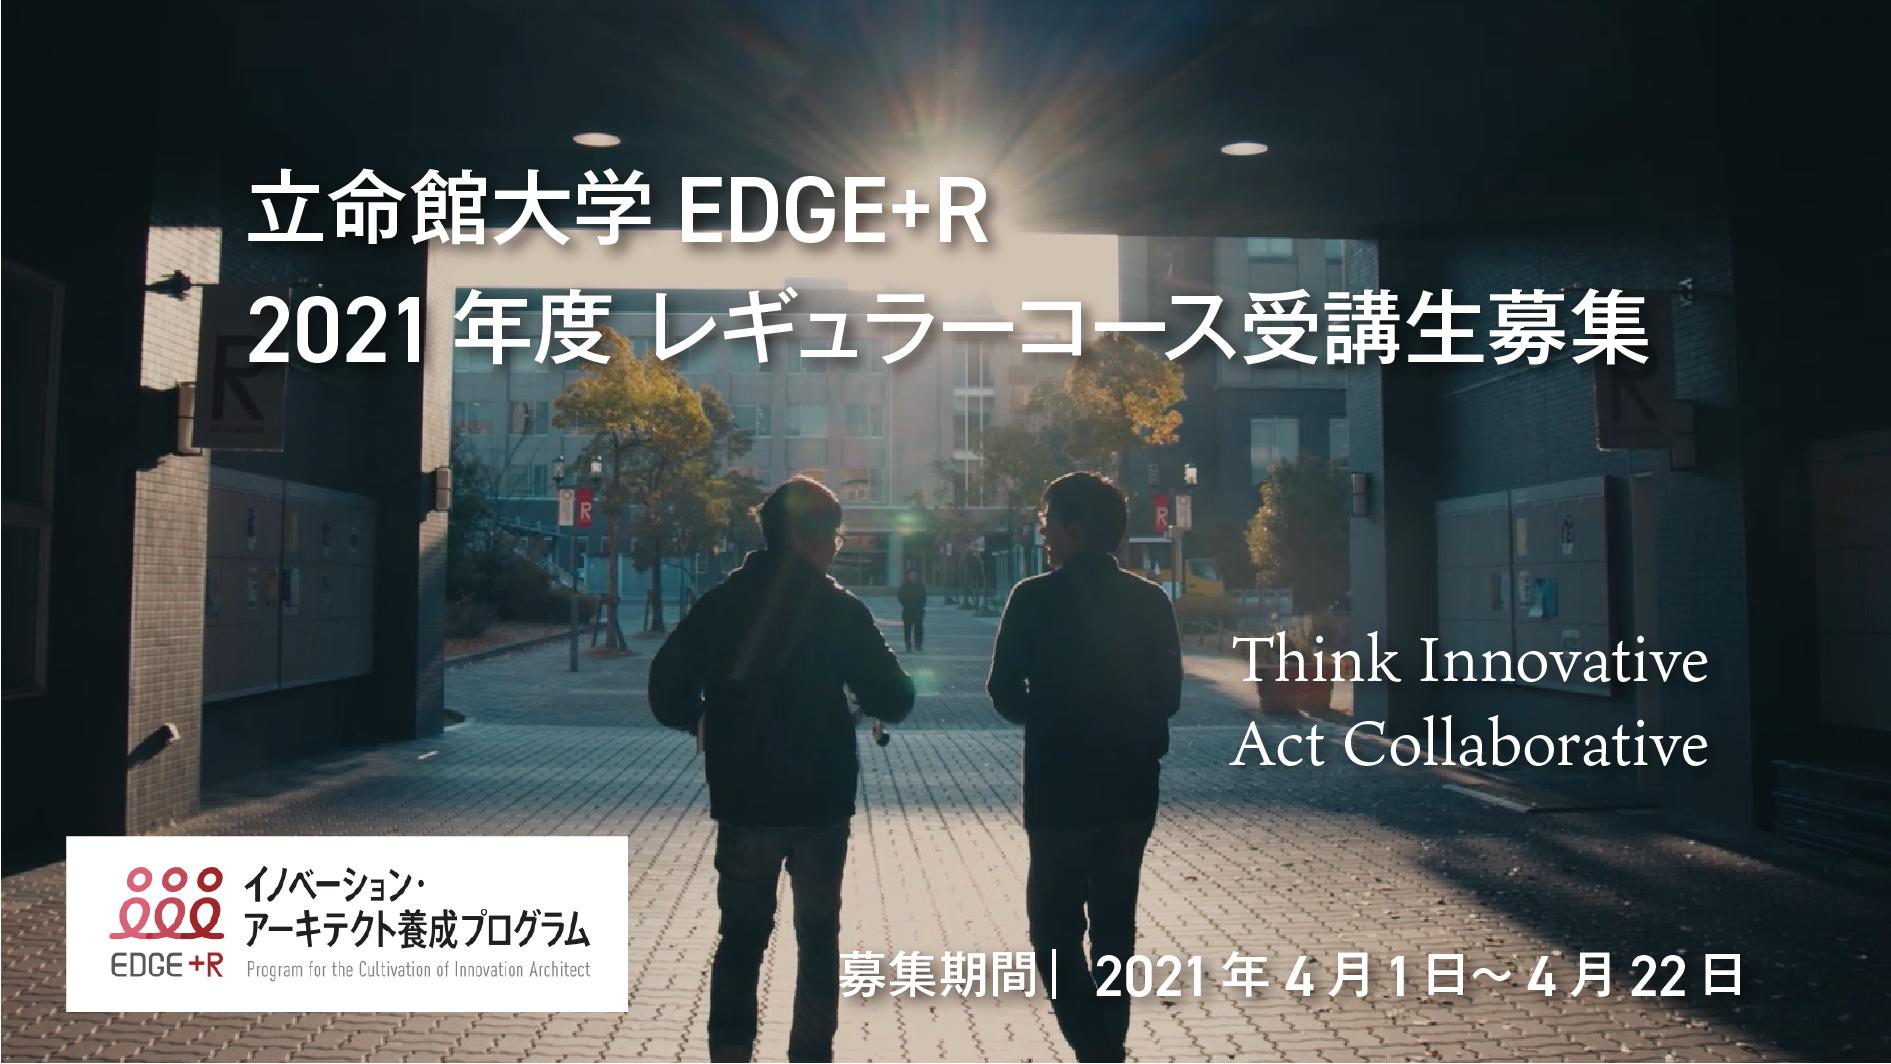 立命館大学EDGE+Rプログラム 2021年度レギュラーコース受講生募集開始!